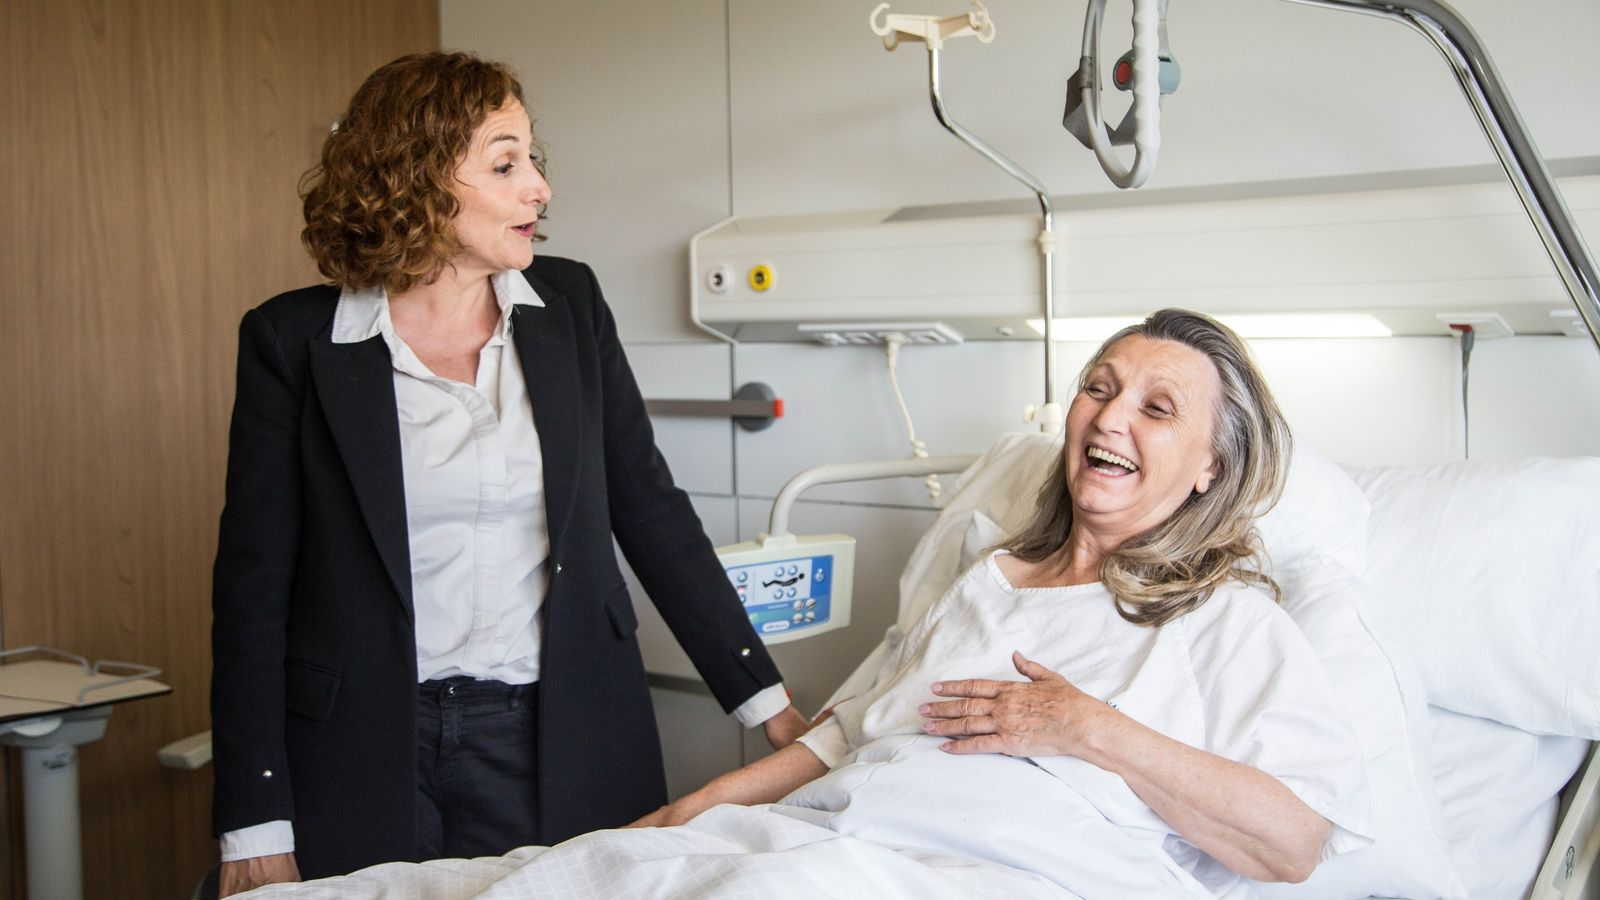 Annabel Totusaus i Mont Plans protagonitzen la comèdia 'De mares i filles'